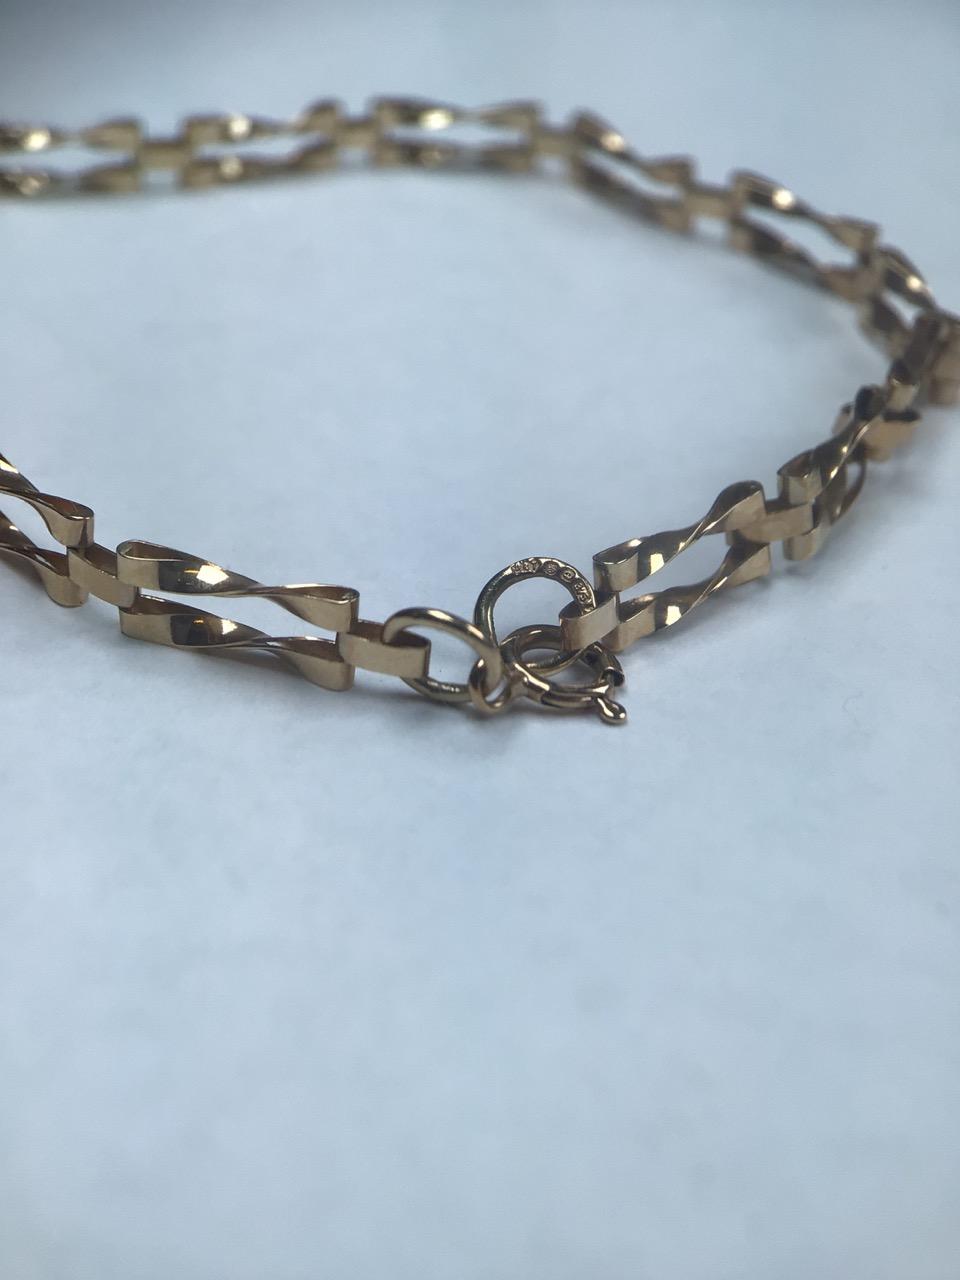 9ct gold fancy link bracelet. 1.8g 16cm